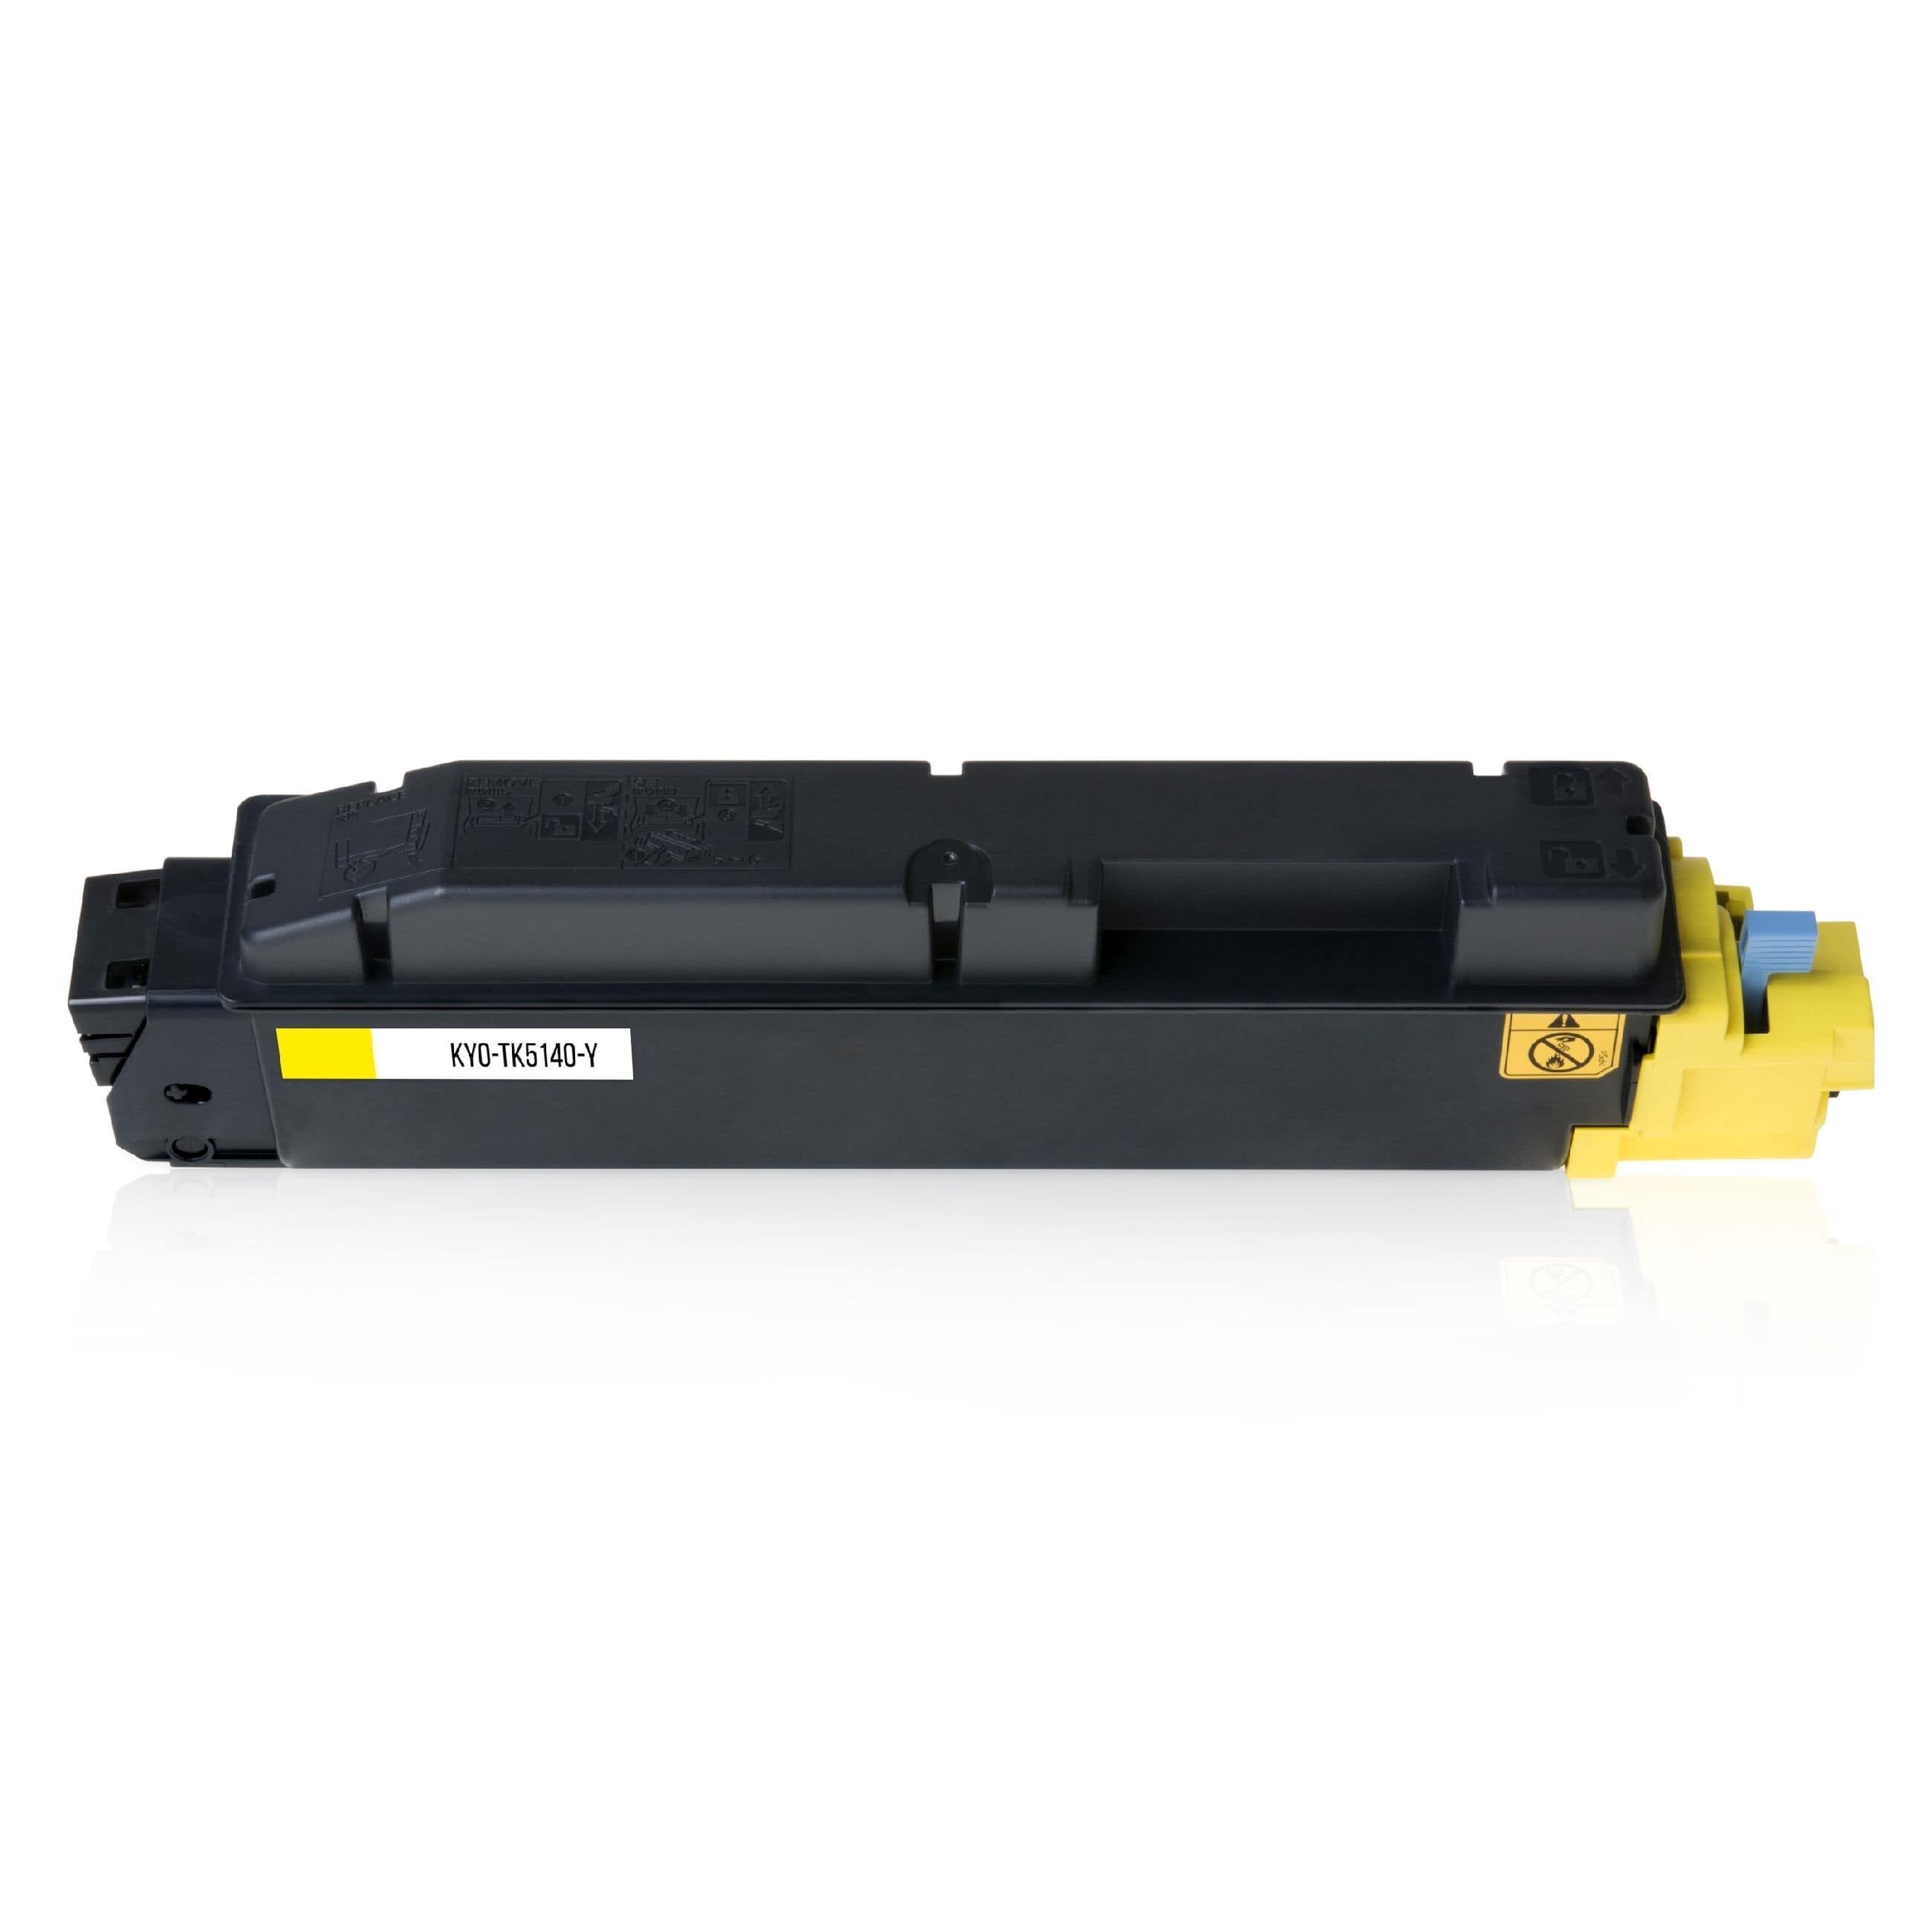 Kyocera Cartouche de Toner pour Kyocera 1T02NRANL0 / TK-5140 Y jaune compatible (de marque ASC)